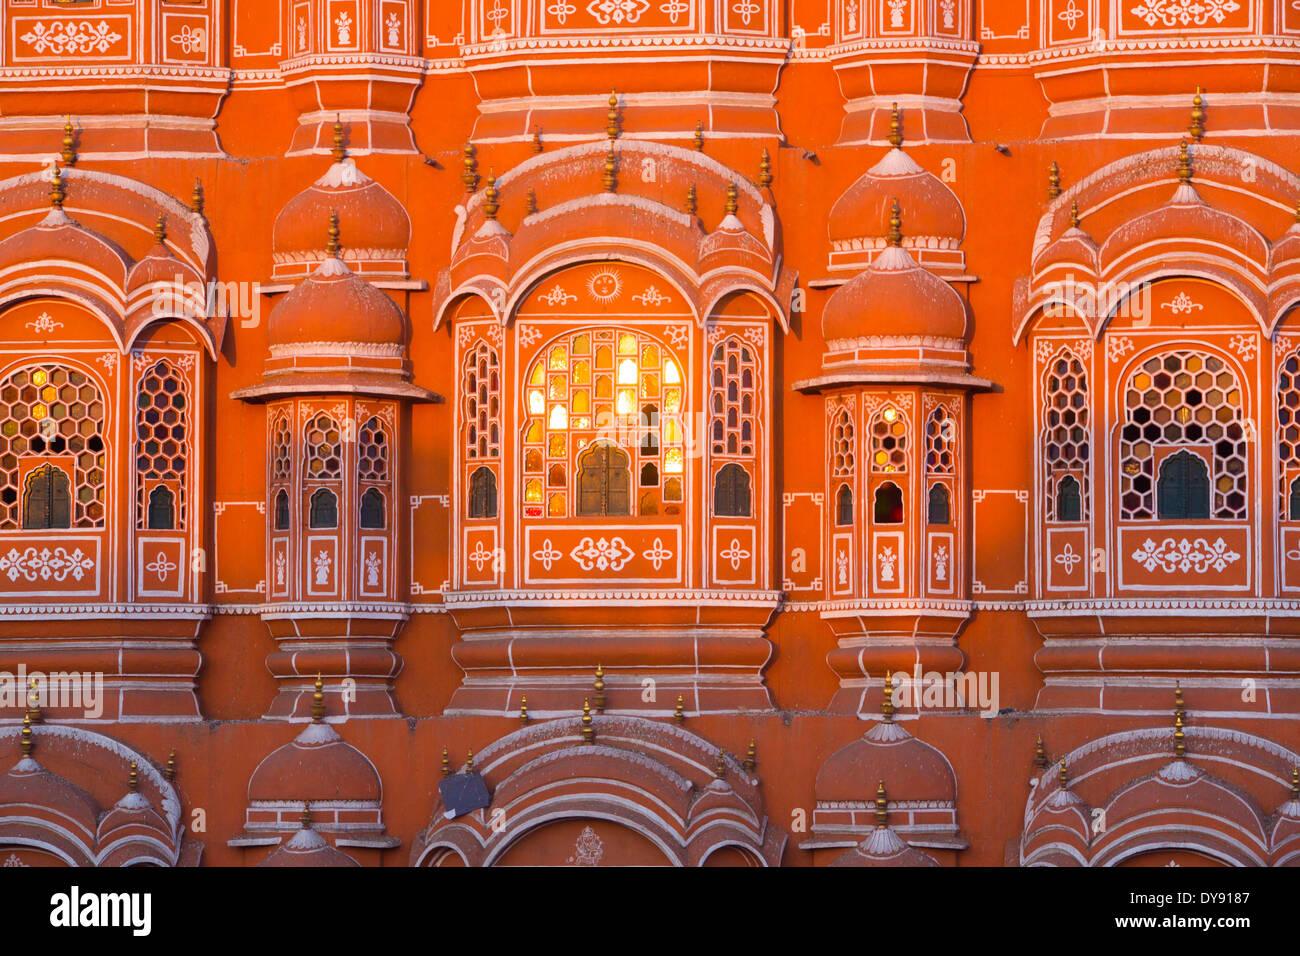 Palace of winds, palace, Rajasthan, Hawa Mahal, harem, town palace, Jaipur, Asia, India, - Stock Image